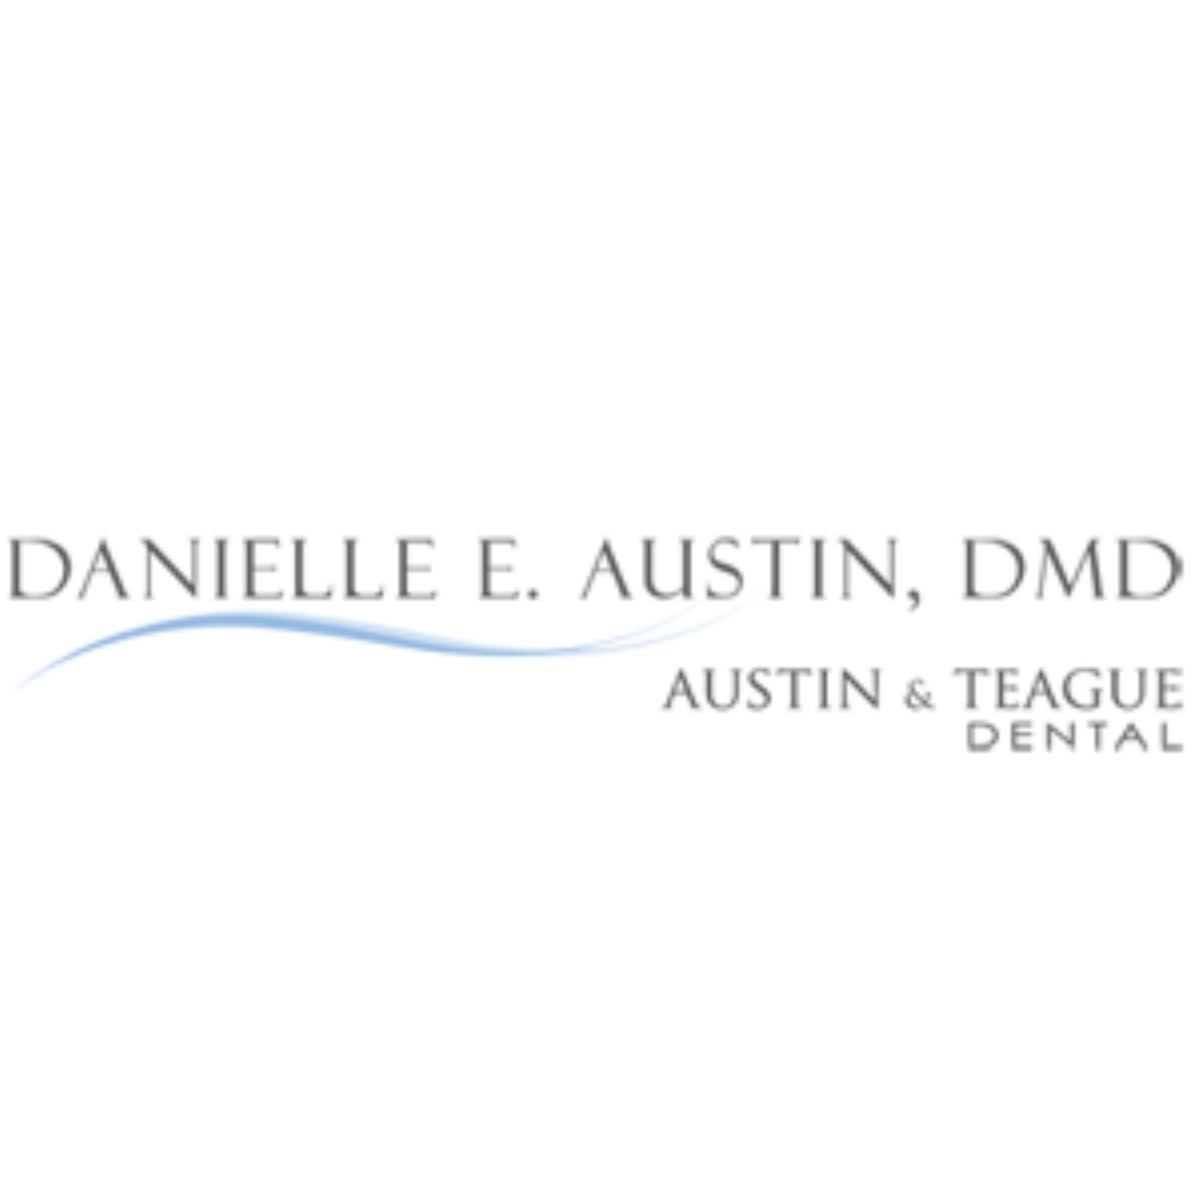 Dr. Danielle E Austin